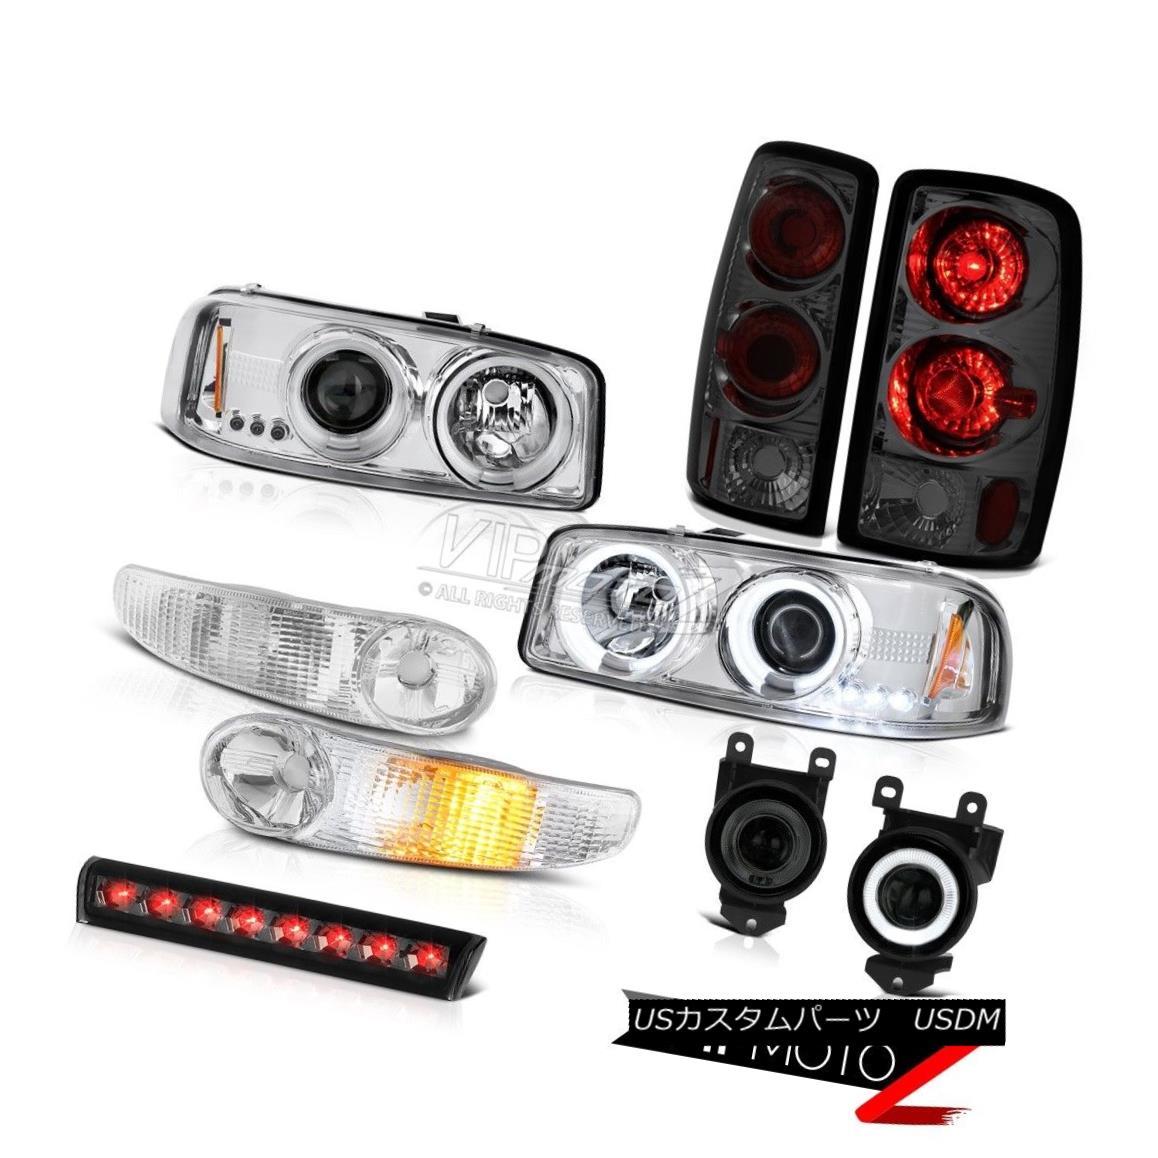 テールライト 01-06 Yukon CCFL Halo HeadLight Bumper Rear lights Driving Foglights Cargo Brake 01-06ユーコンCCFL Haloヘッドライトバンパーリアライトフォグライトカーゴブレーキ